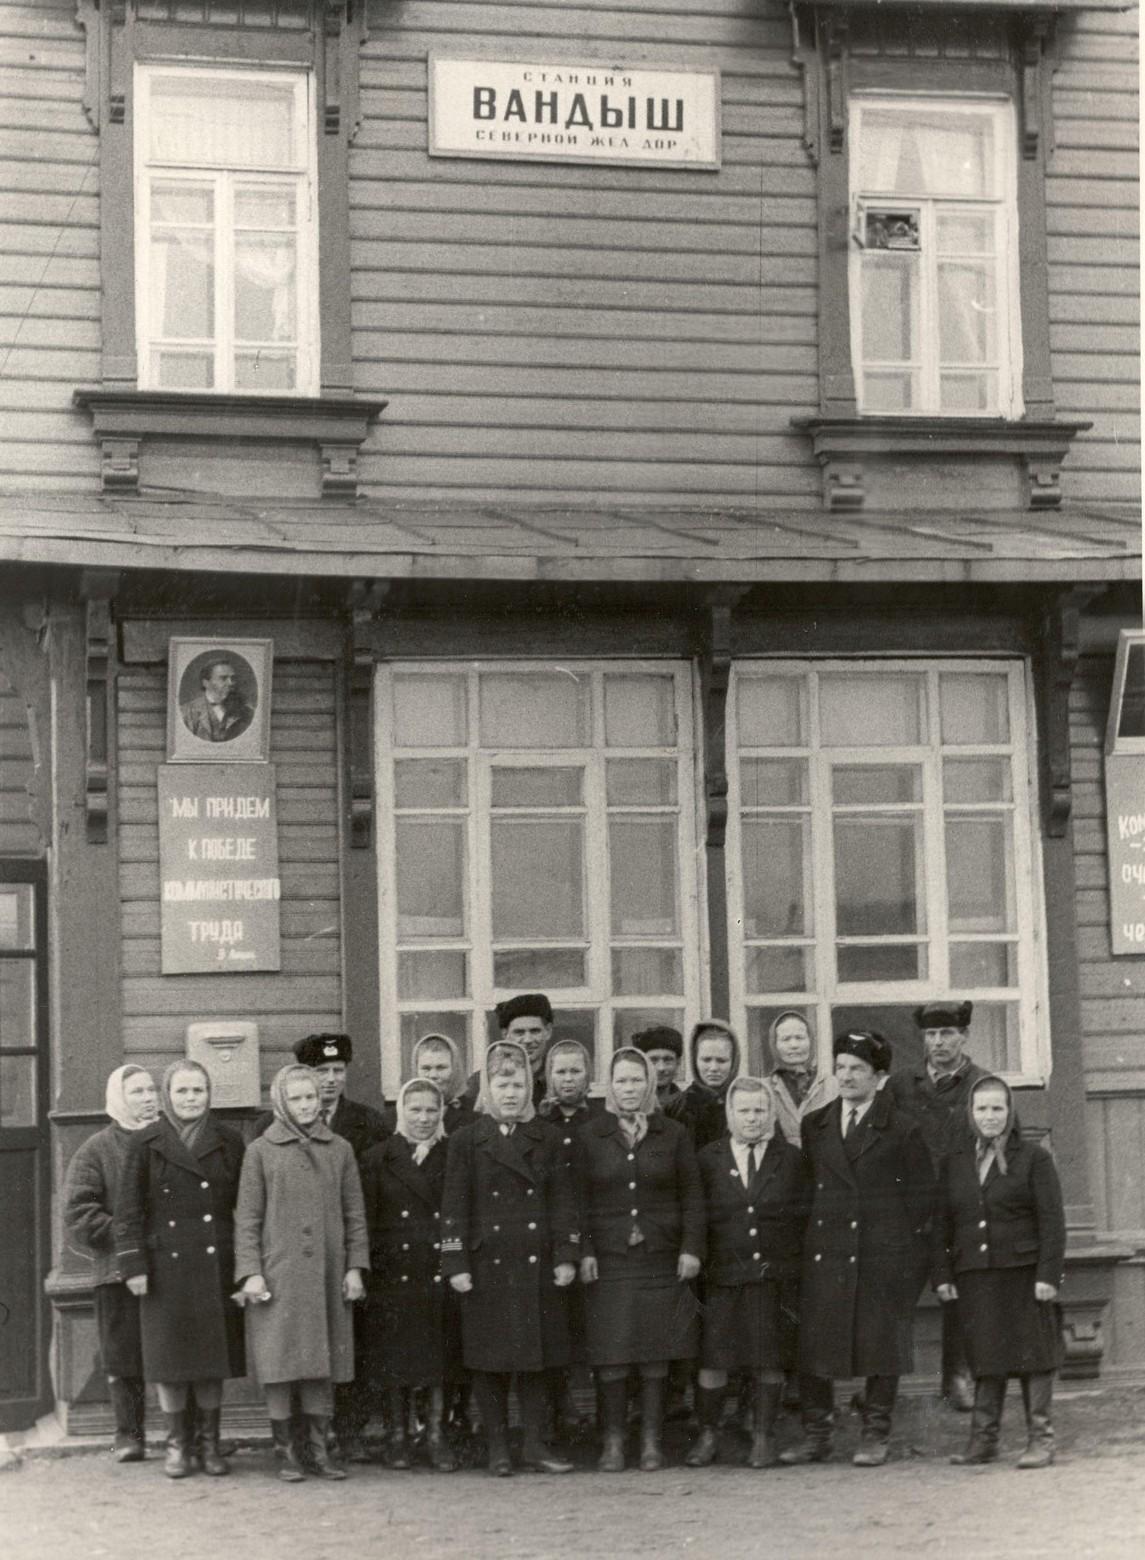 Фото 1969-го года, работники станции Вандыш Северной